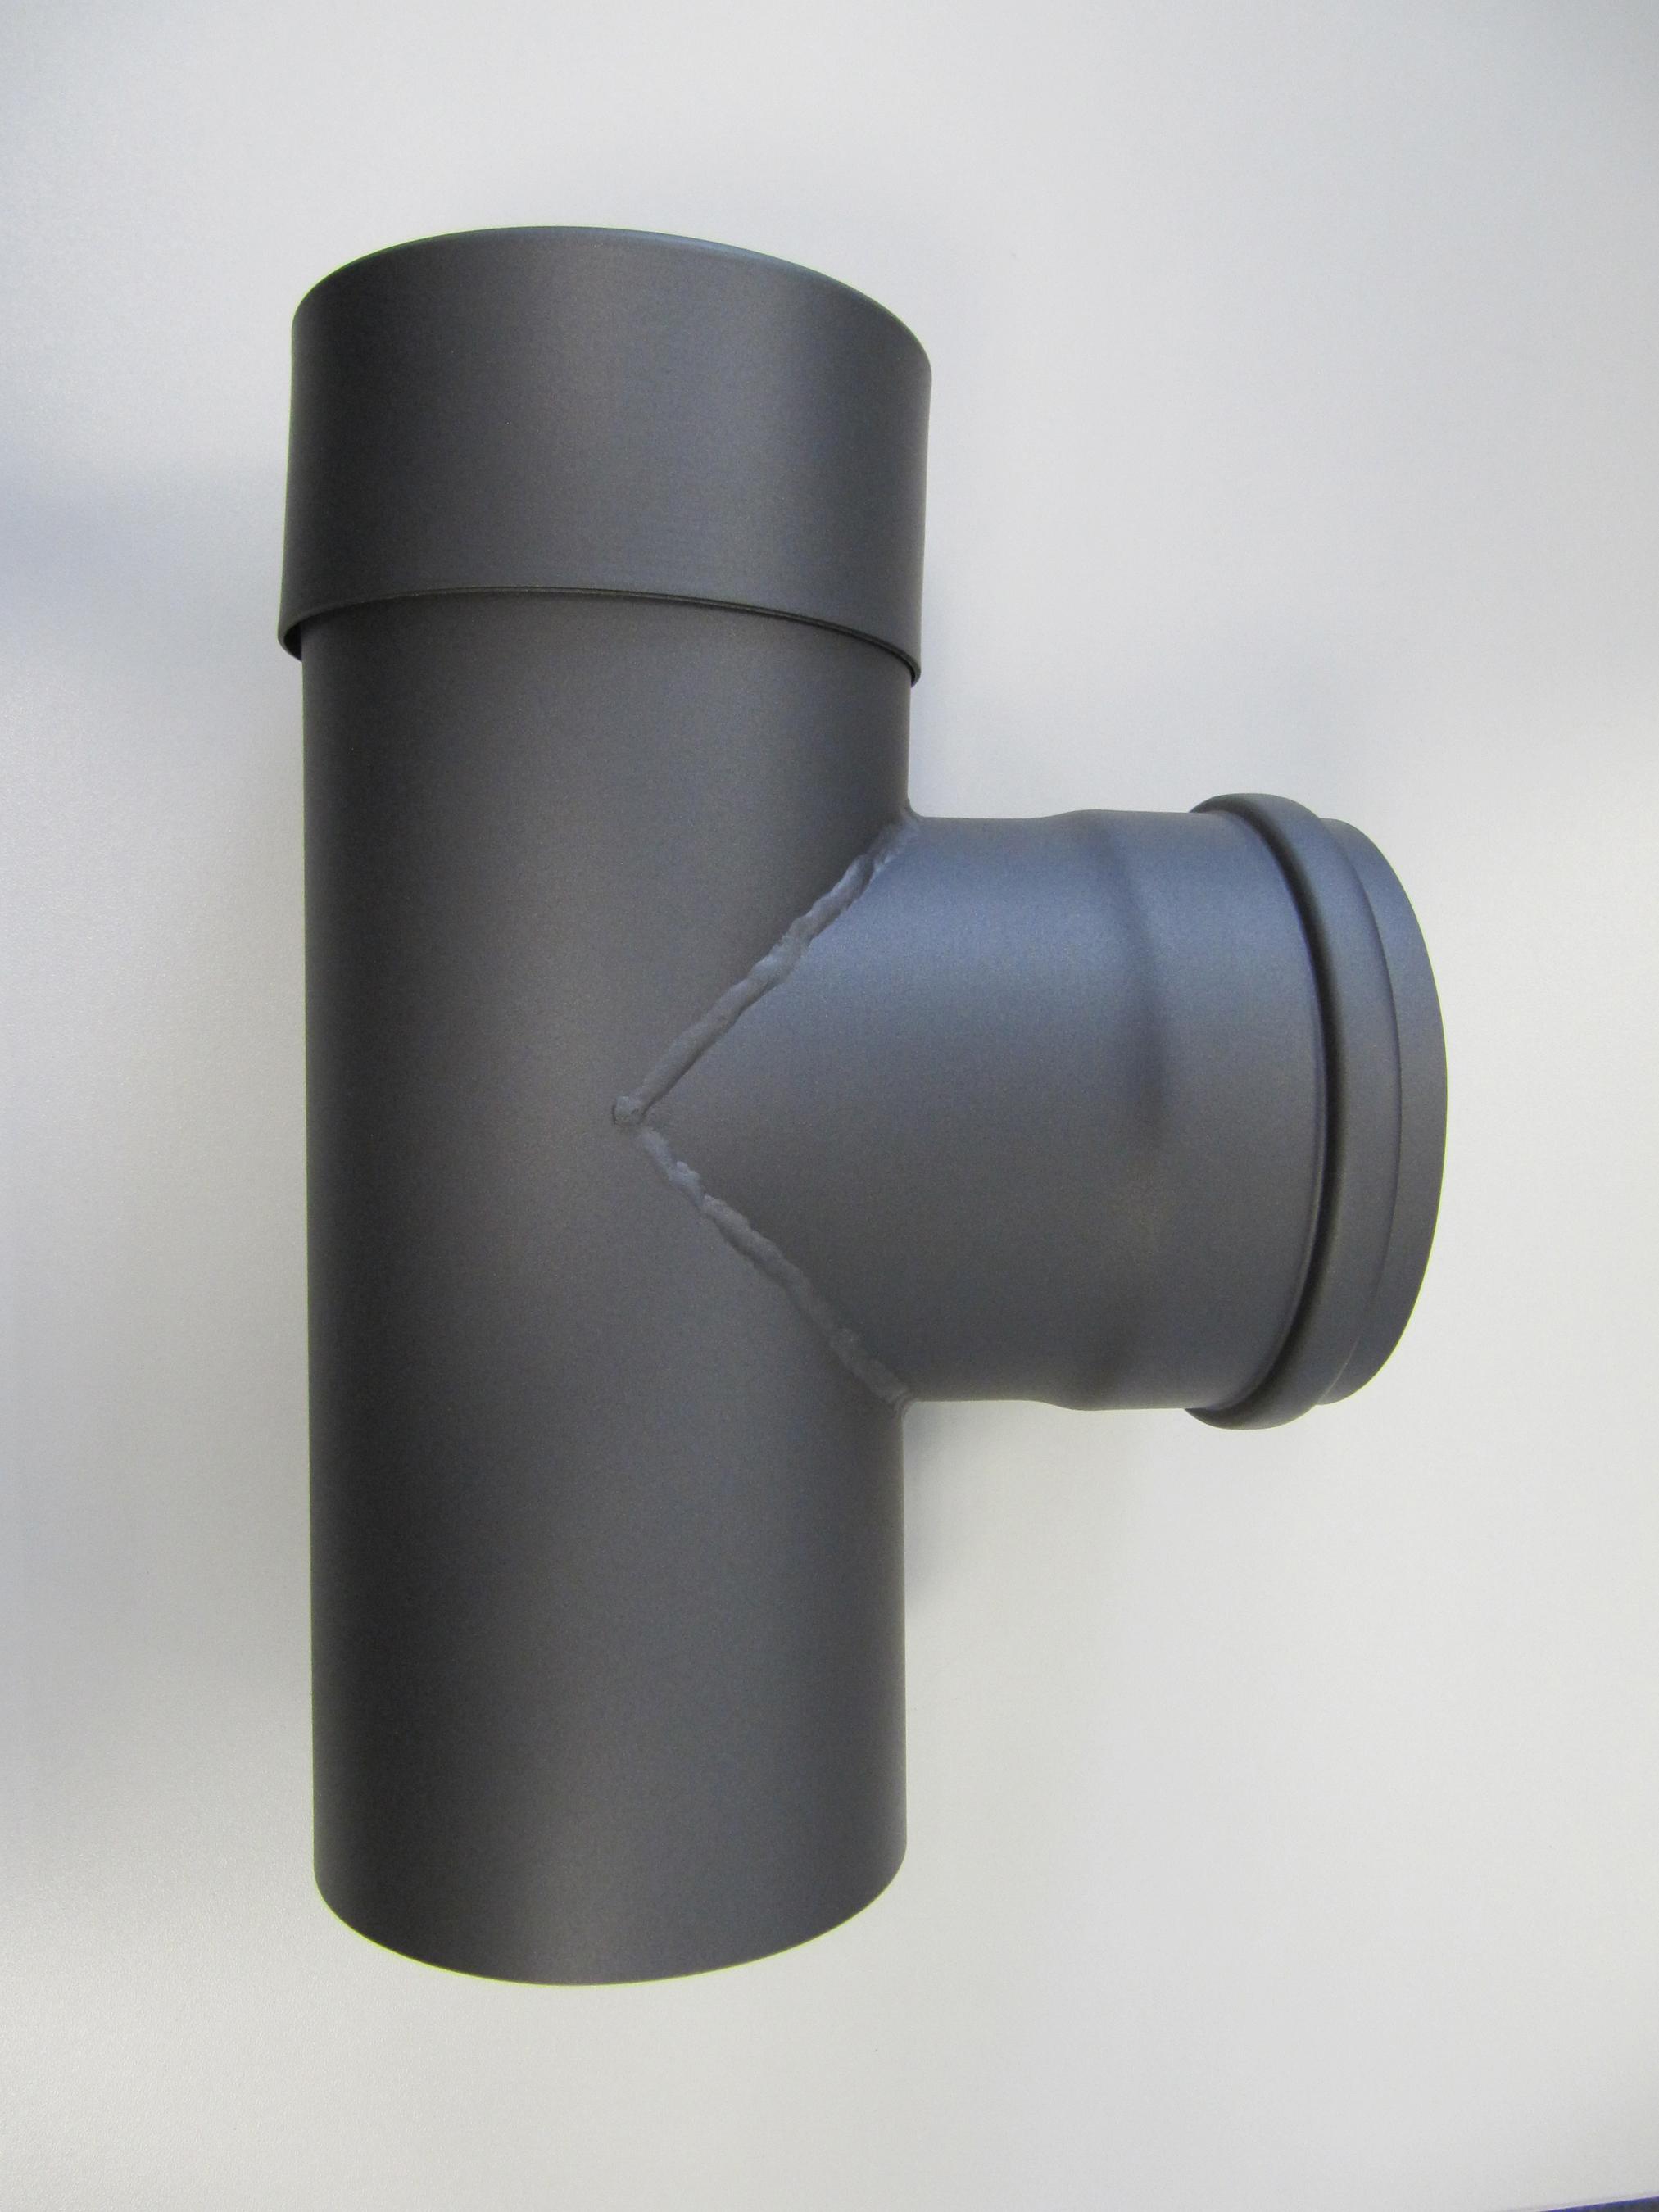 T-Stück für Pelletofen Senotherm 0,8mm grau Ø100mm gemufft Länge 250mm Bild 1